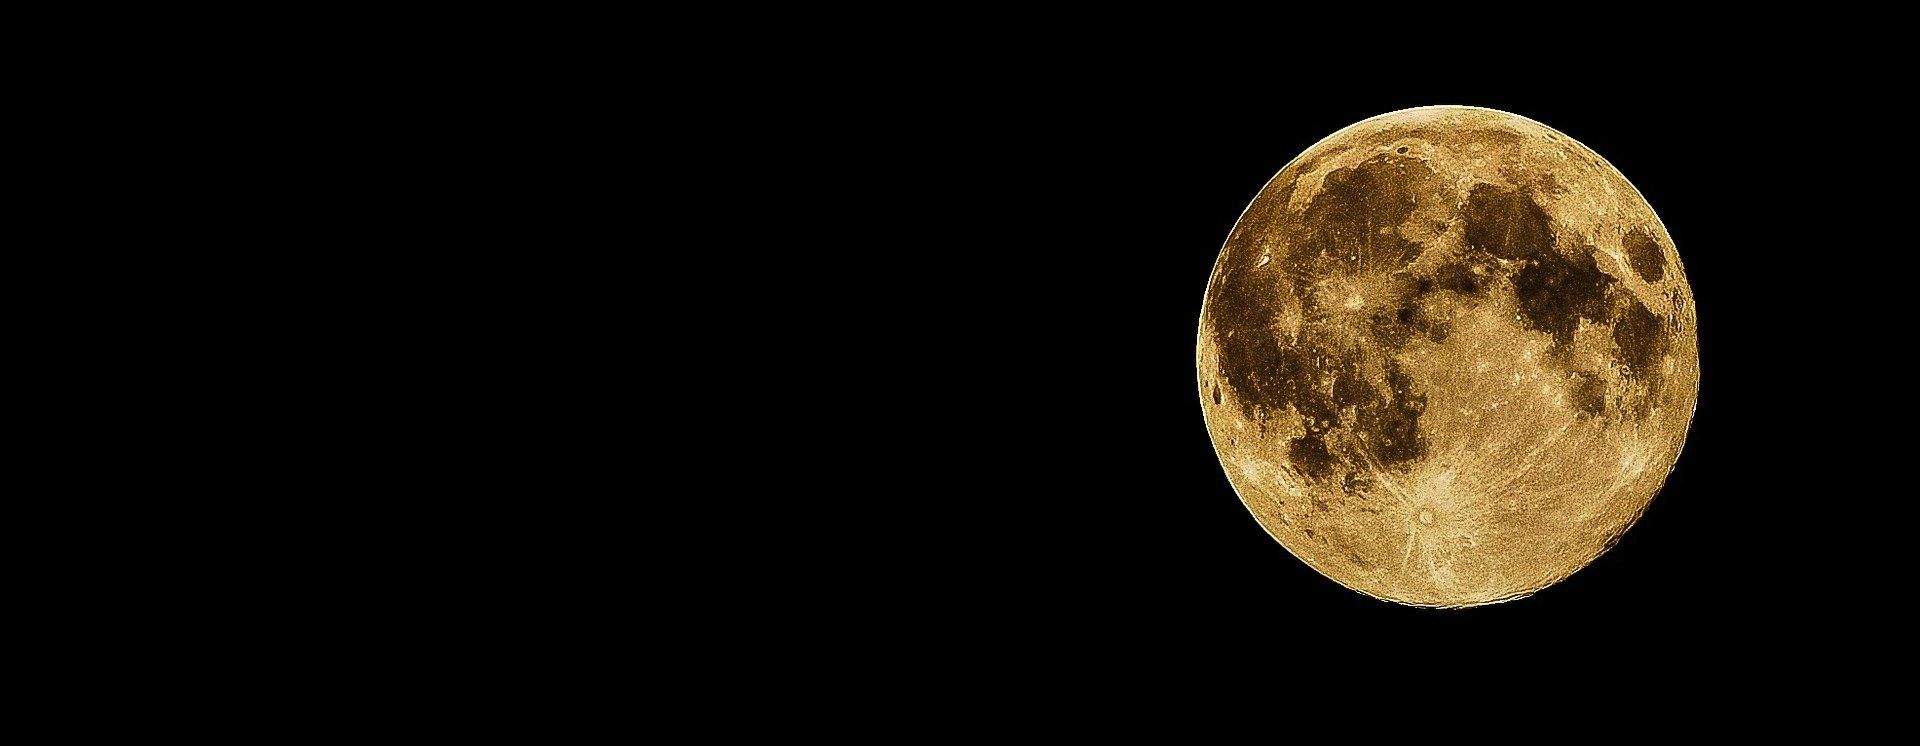 Les effets de la Lune sur notre sommeil